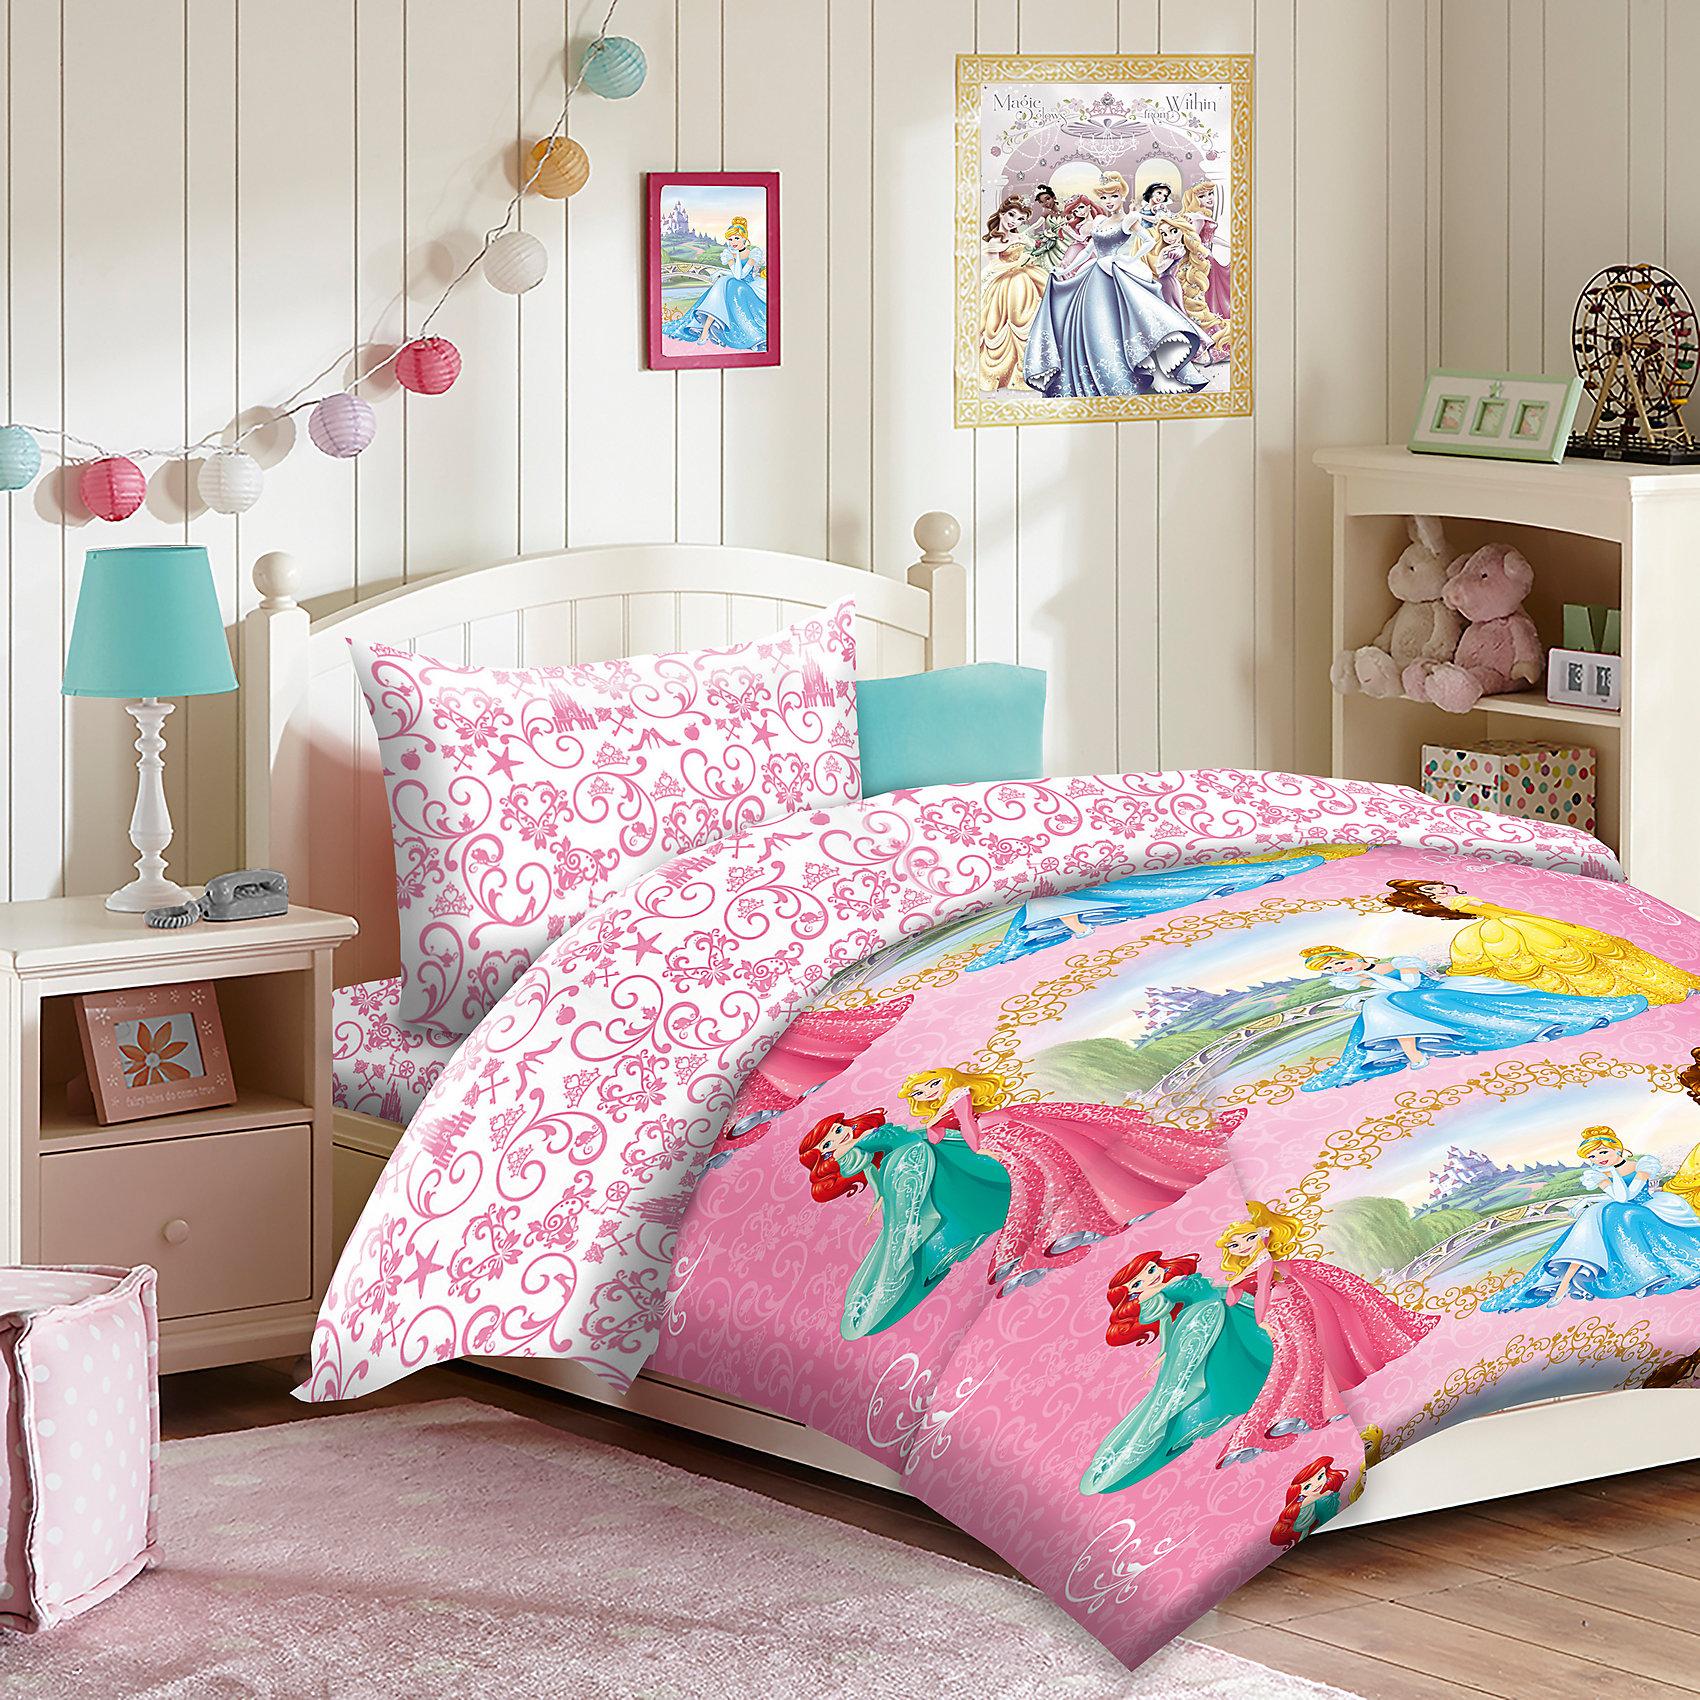 Постельное белье детское Принцессы, 50х70 см., Mona LizaMona Liza, Комплект постельного белья Принцессы<br><br>Характеристики постельного белья:<br><br>• размер: 1,5-спальное;<br>• тип переплетения: полотняное;<br>• материал: бязь;<br>• состав ткани: 100% хлопок;<br>• тип застежки: прорезь;<br>• тип упаковки: пакет ПВХ.<br><br>Размеры предметов:<br><br>• пододеяльник: 145х210 см;<br>• простынь, обычная: 150х215 см;<br>• наволочка, 1 шт.: 50х70 см.<br><br>Детское постельное белье для девочек «Принцессы» изготовлено из бязи. Данный материал обладает высокой воздухопроницаемостью, неприхотлив в уходе. Хлопковые ткани собственного производства от бренда Mona Liza изготавливаются на российских фабриках.<br><br>Постельное белье 1,5 сп. Принцессы 2016, Mona Liza можно купить в нашем интернет-магазине.<br><br>Ширина мм: 290<br>Глубина мм: 70<br>Высота мм: 370<br>Вес г: 1450<br>Возраст от месяцев: 36<br>Возраст до месяцев: 144<br>Пол: Женский<br>Возраст: Детский<br>SKU: 4915261